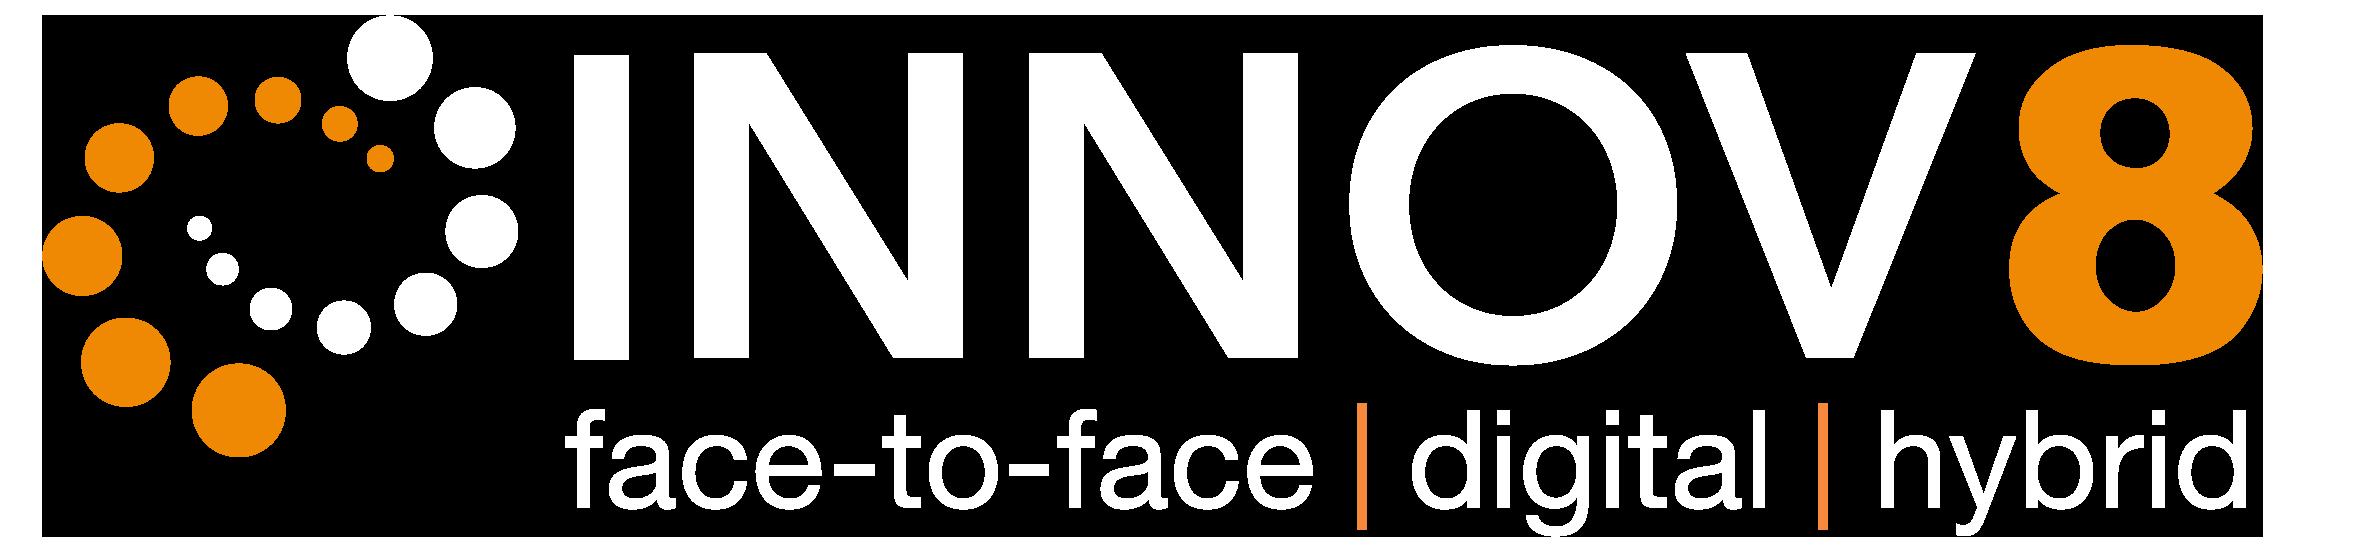 INNOV8 WHITE ORANGE